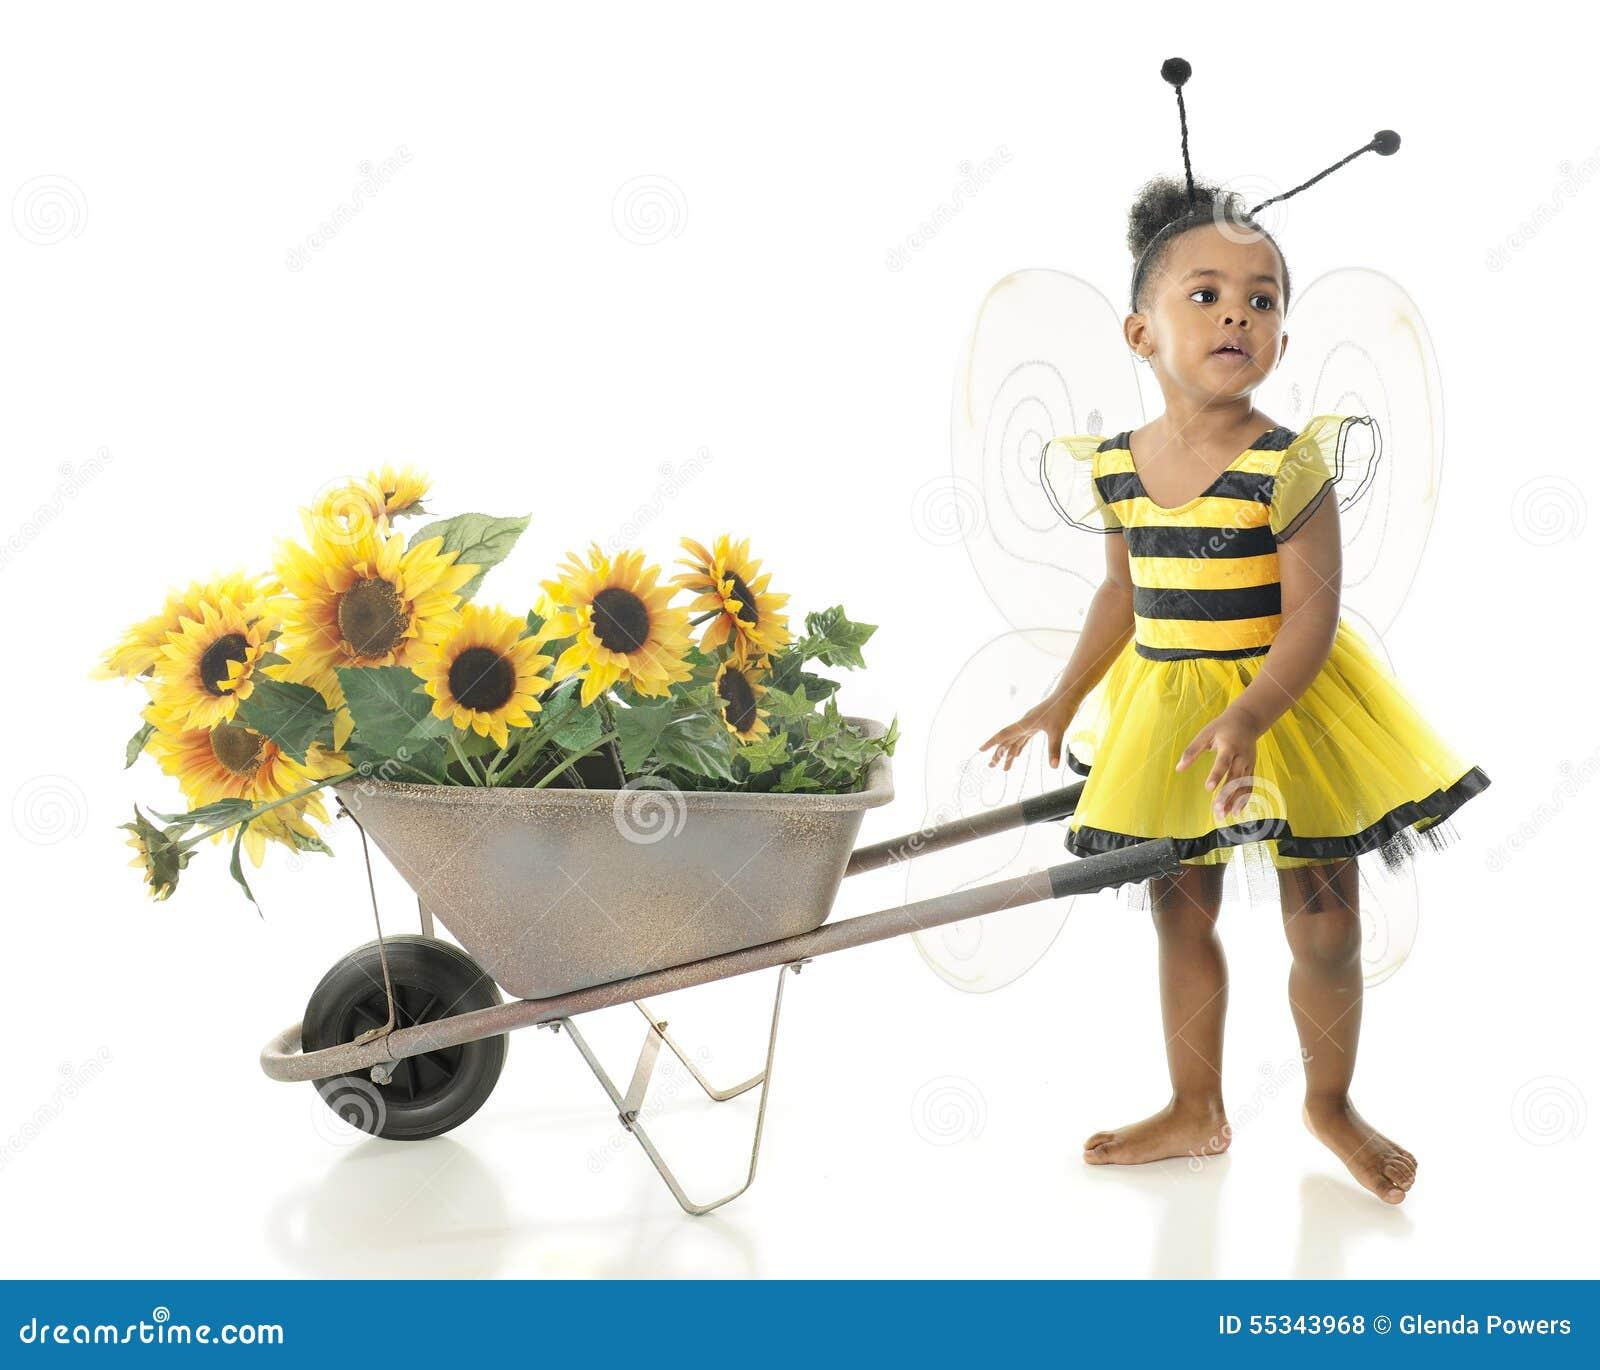 Adorable Worker Bee